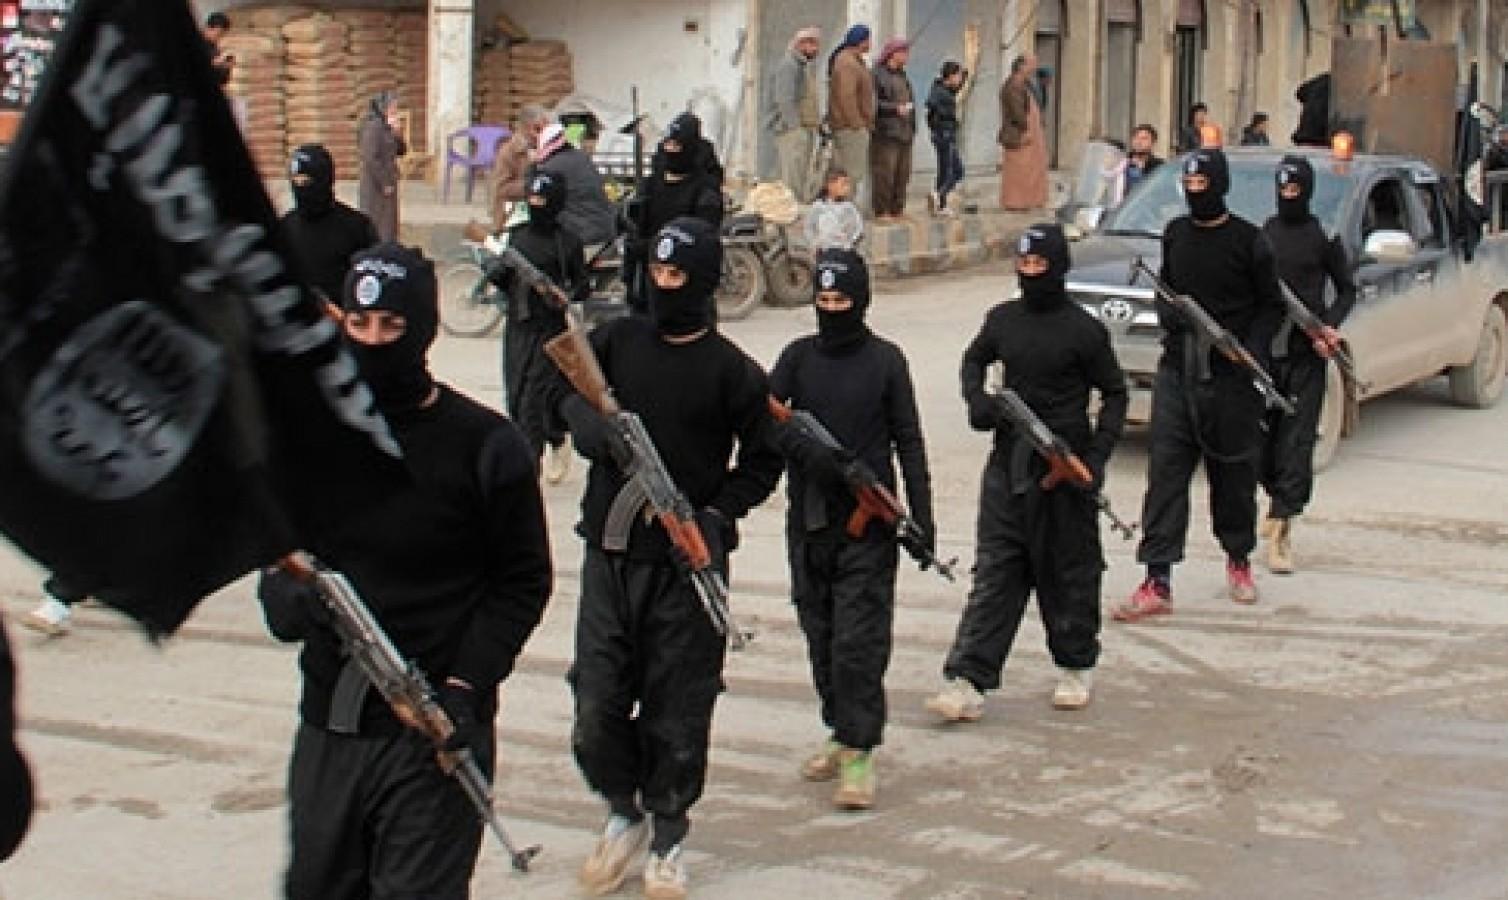 IŞİD Deyr ez-zor'da kaçırdığı 400 kişiden 270'ini serbest bıraktı